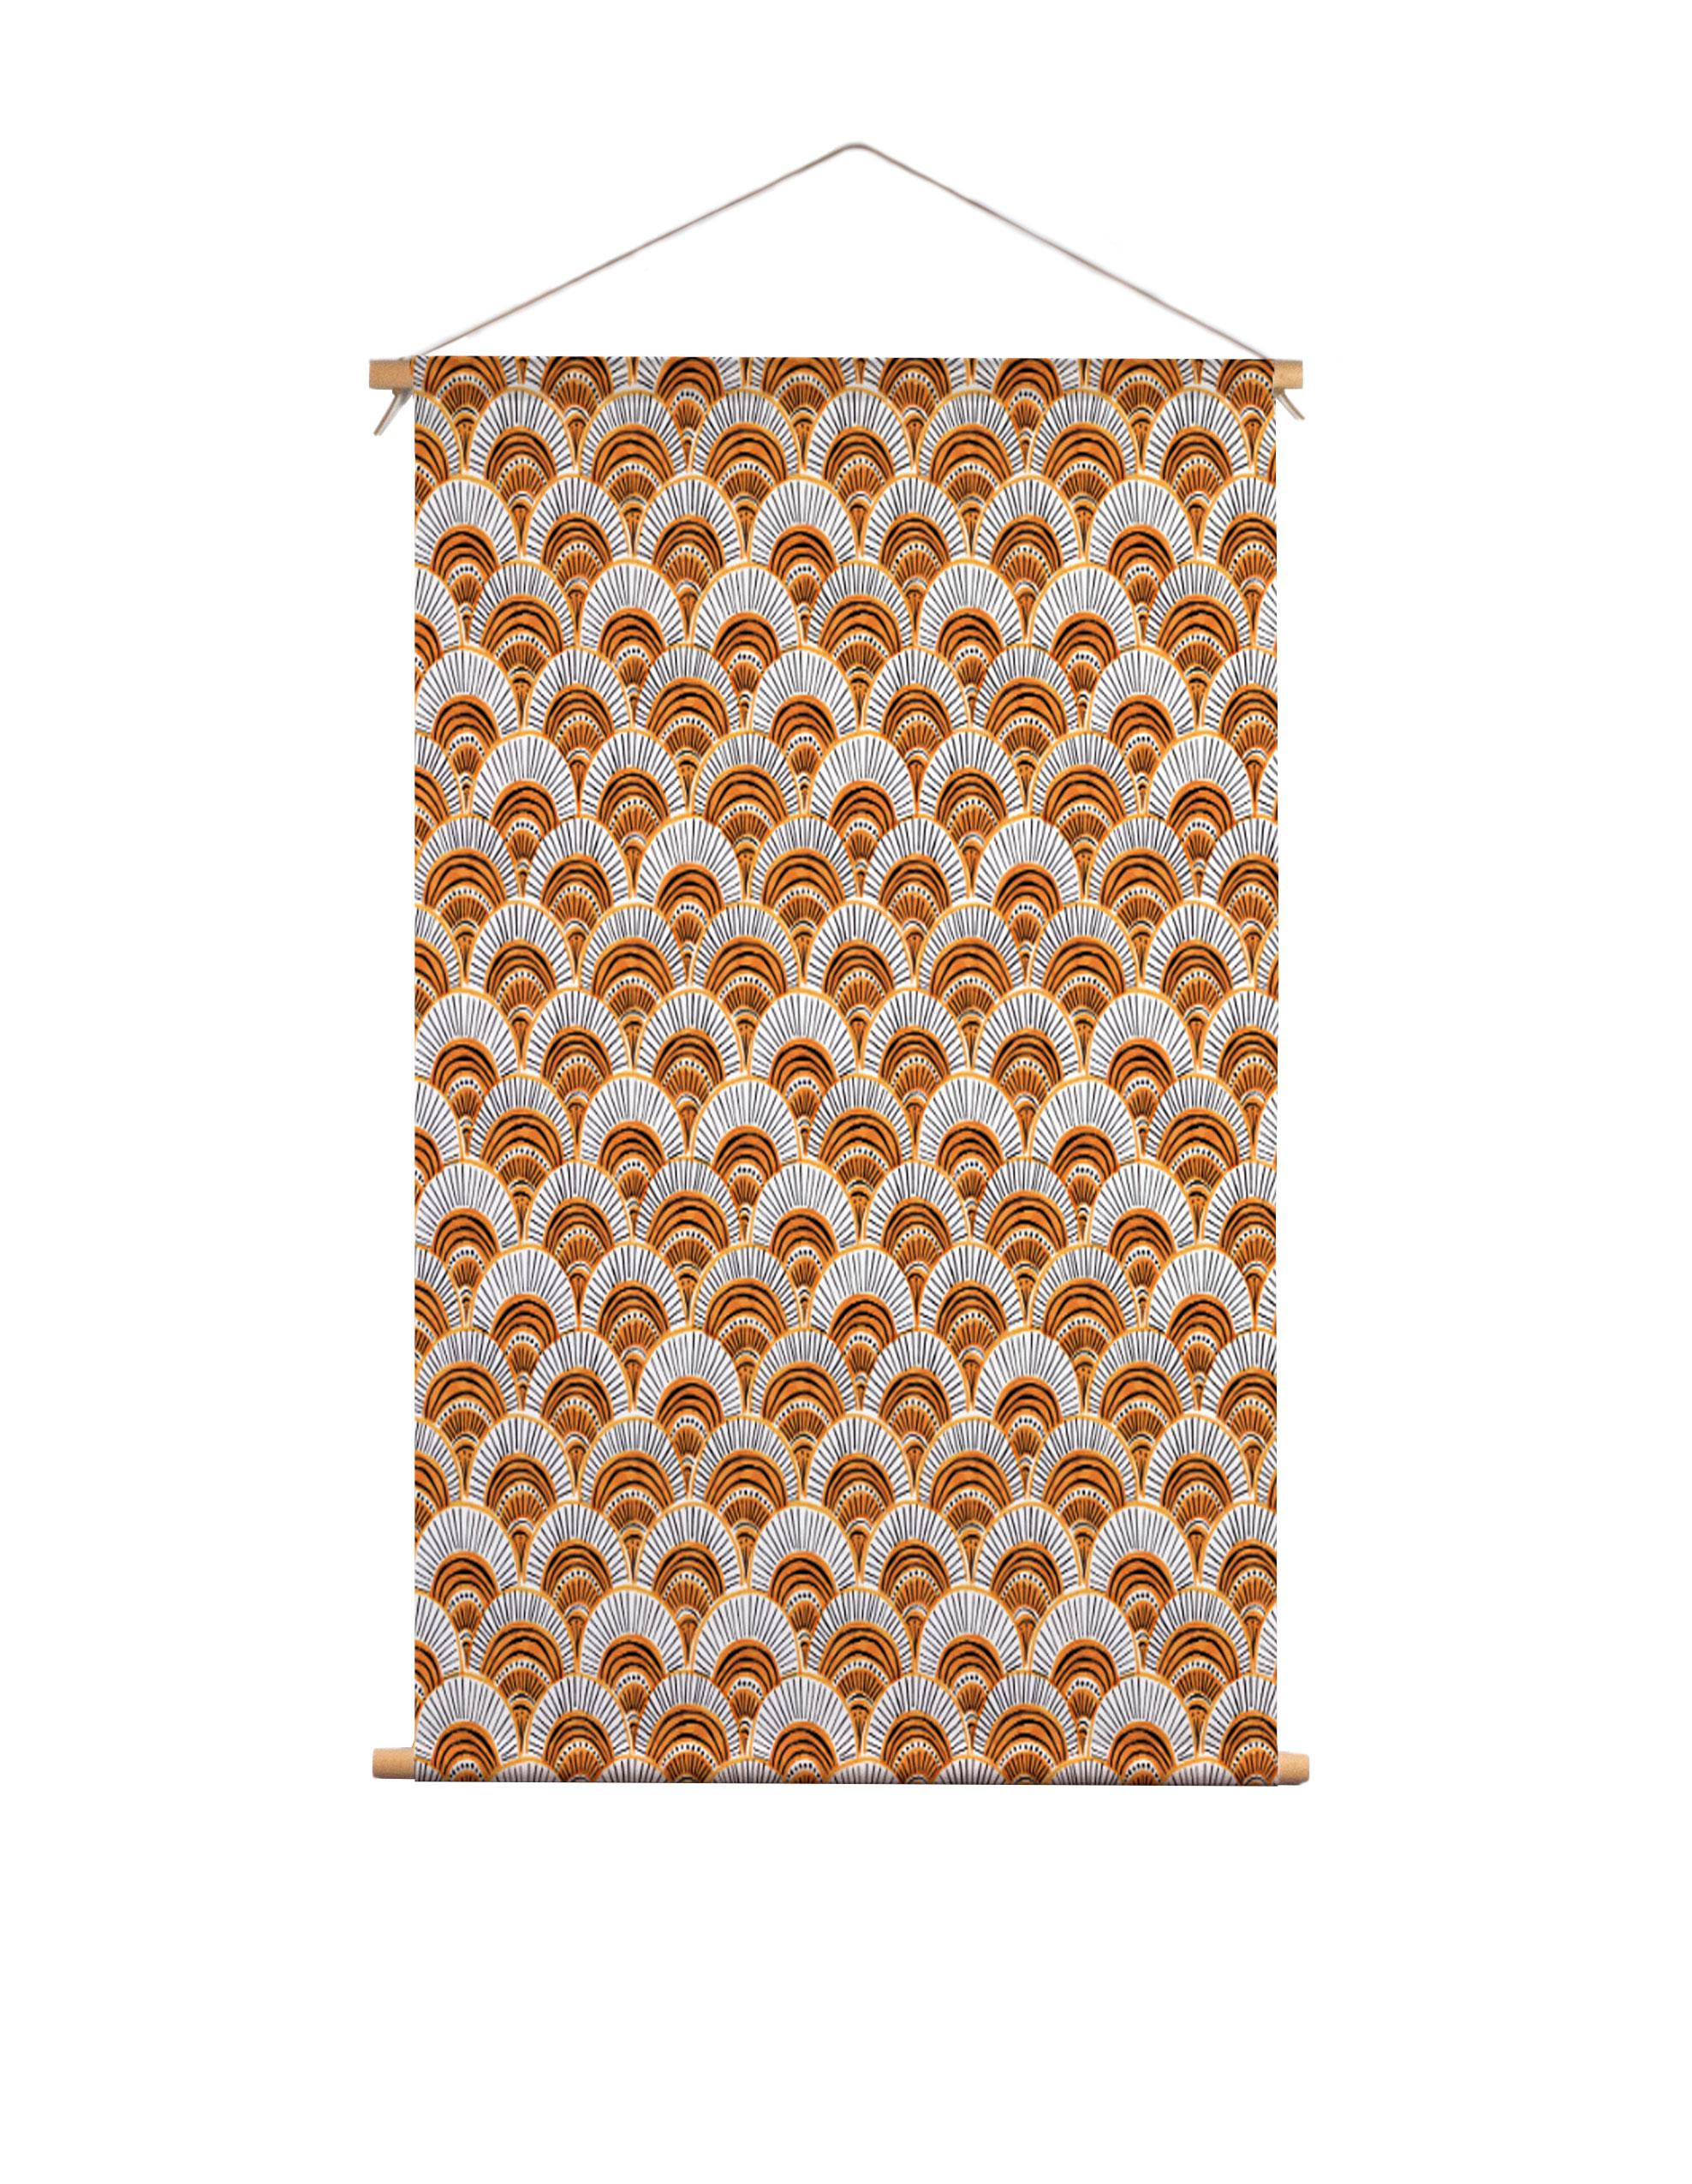 Textielposter-pauw-Veronique-de-Jong